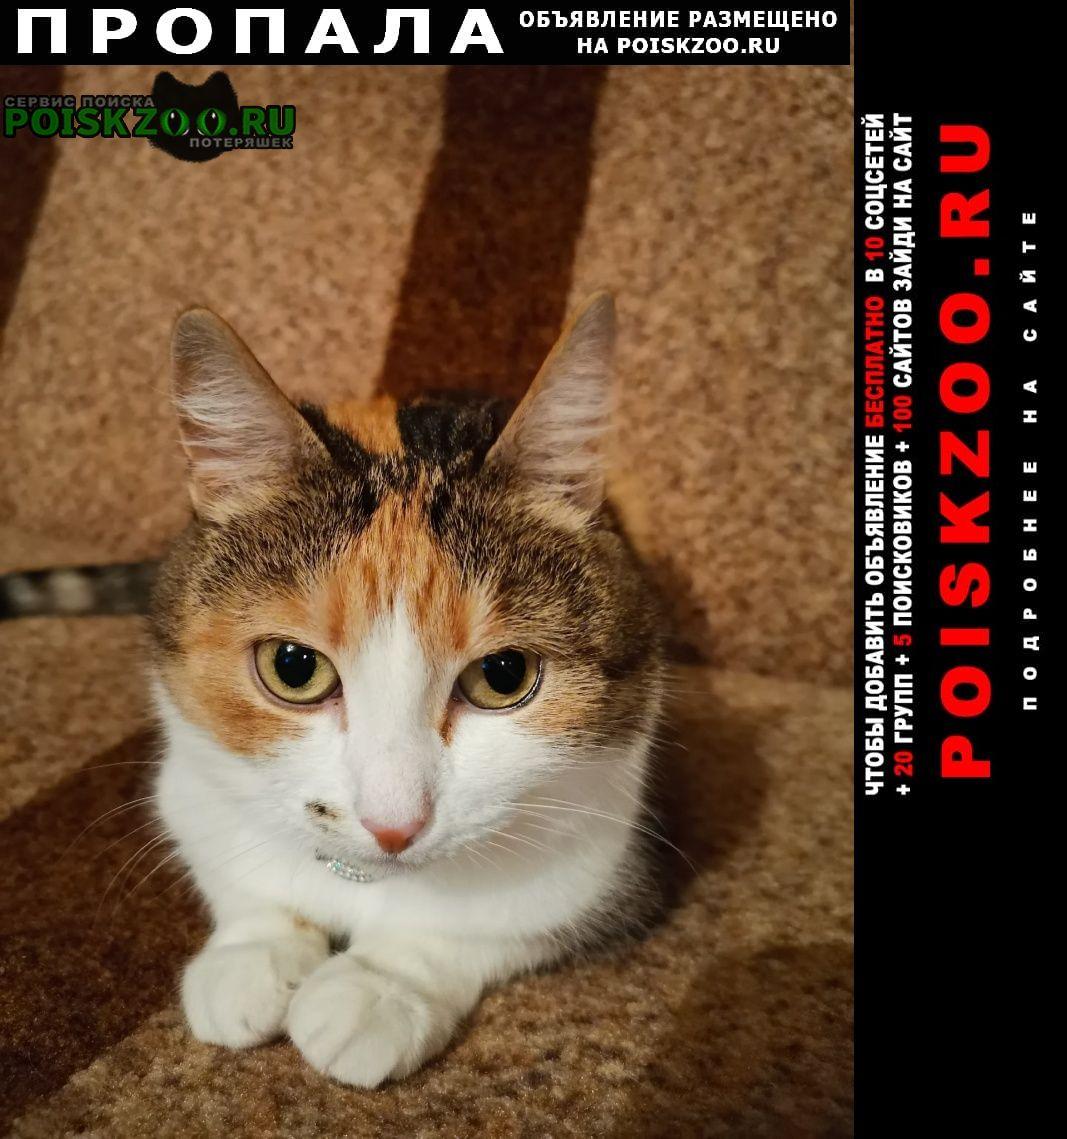 Пропала кошка очень надеемся на помощь г.Великий Новгород (Новгород)